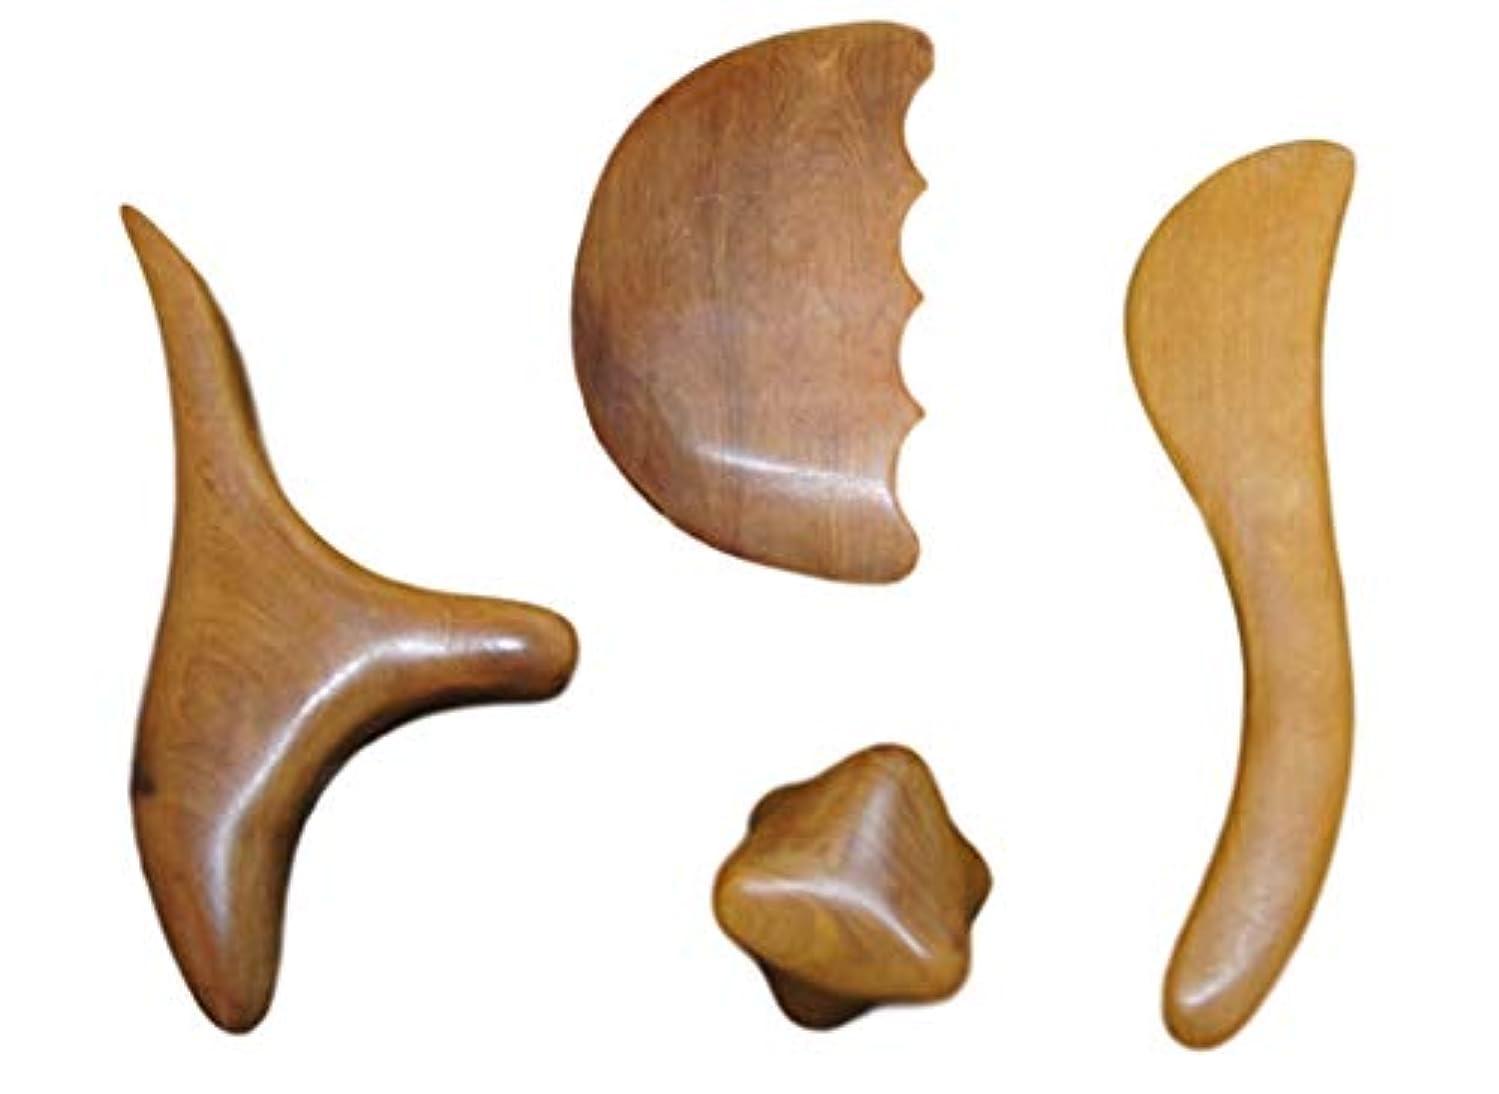 省佐賀なしでIndivi R ツボ押し棒 4種類をセットで 持ちやすい 収納袋付き 押しやすい 天然木 マッサージ棒 按摩棒 10000セット完売記念 特価